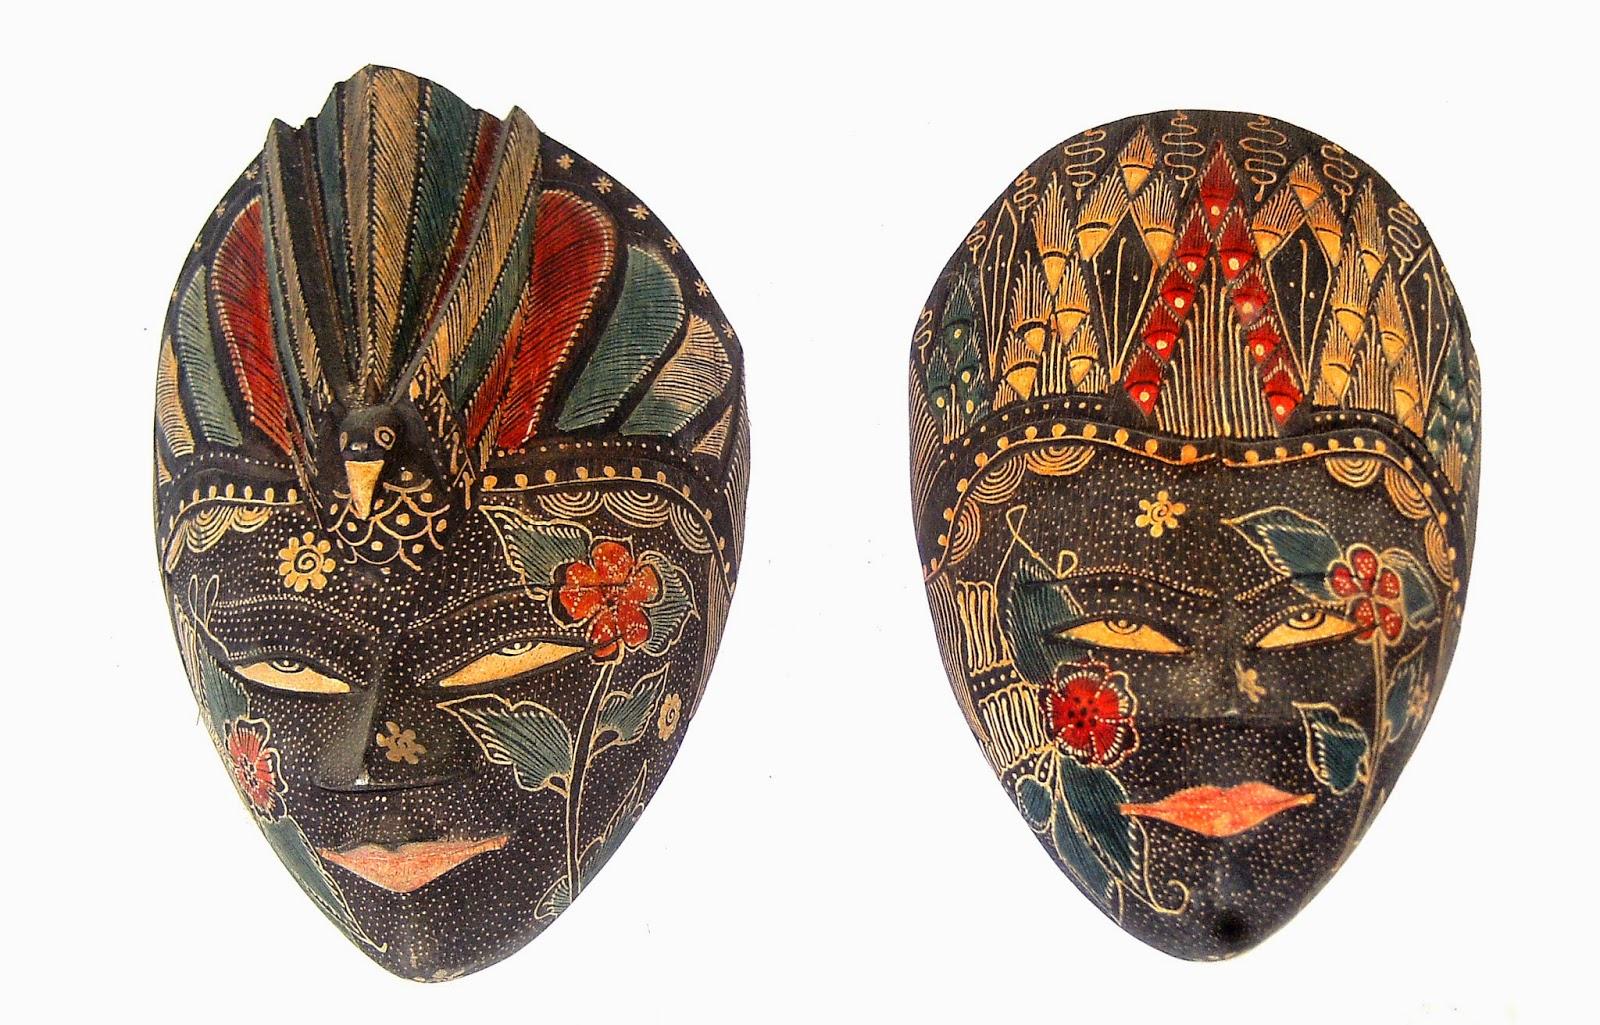 Kumpulan Gambar Topeng Tradisional Gambar Topeng Seni